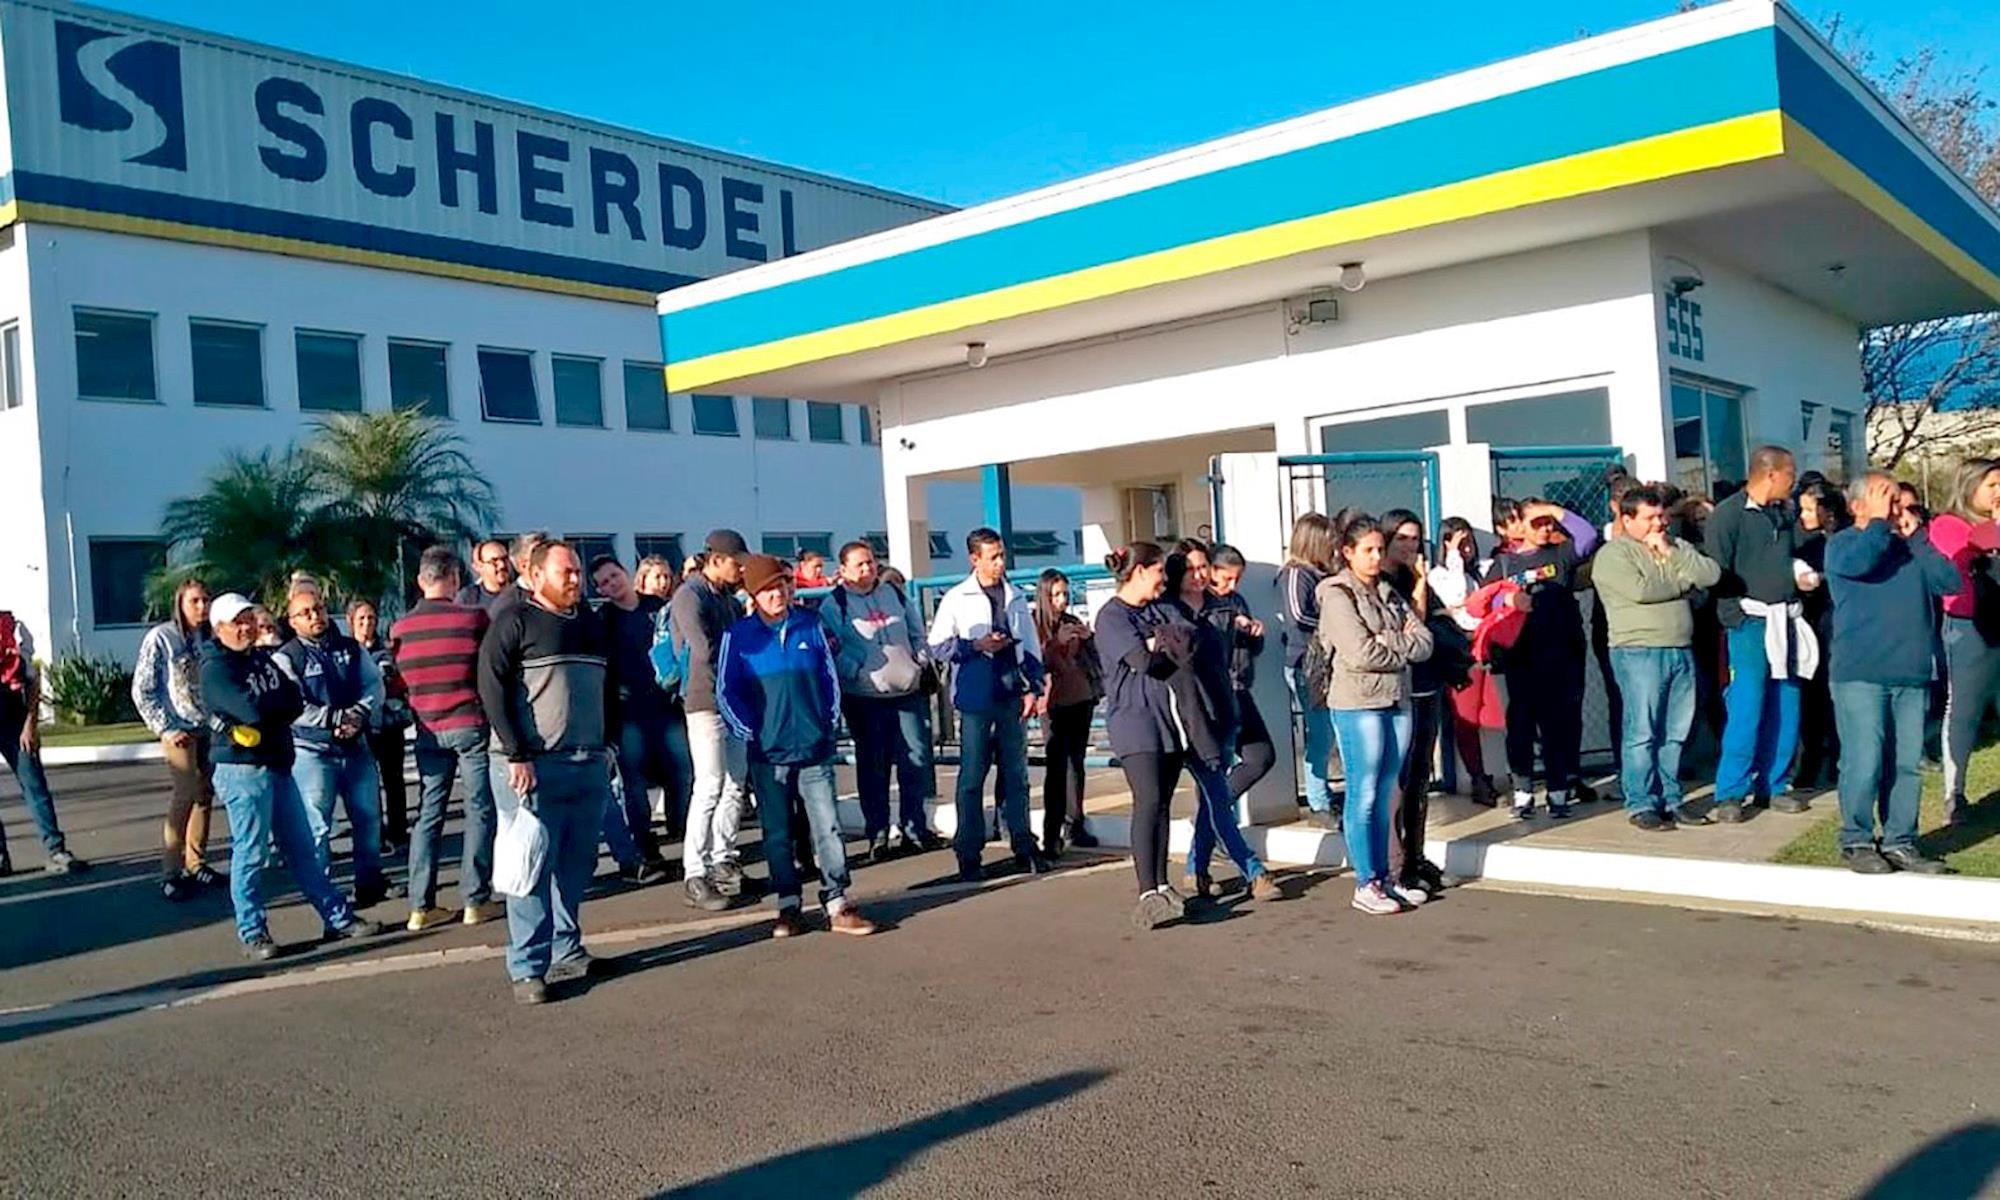 greve, scherdel, ppr,, Divulgação